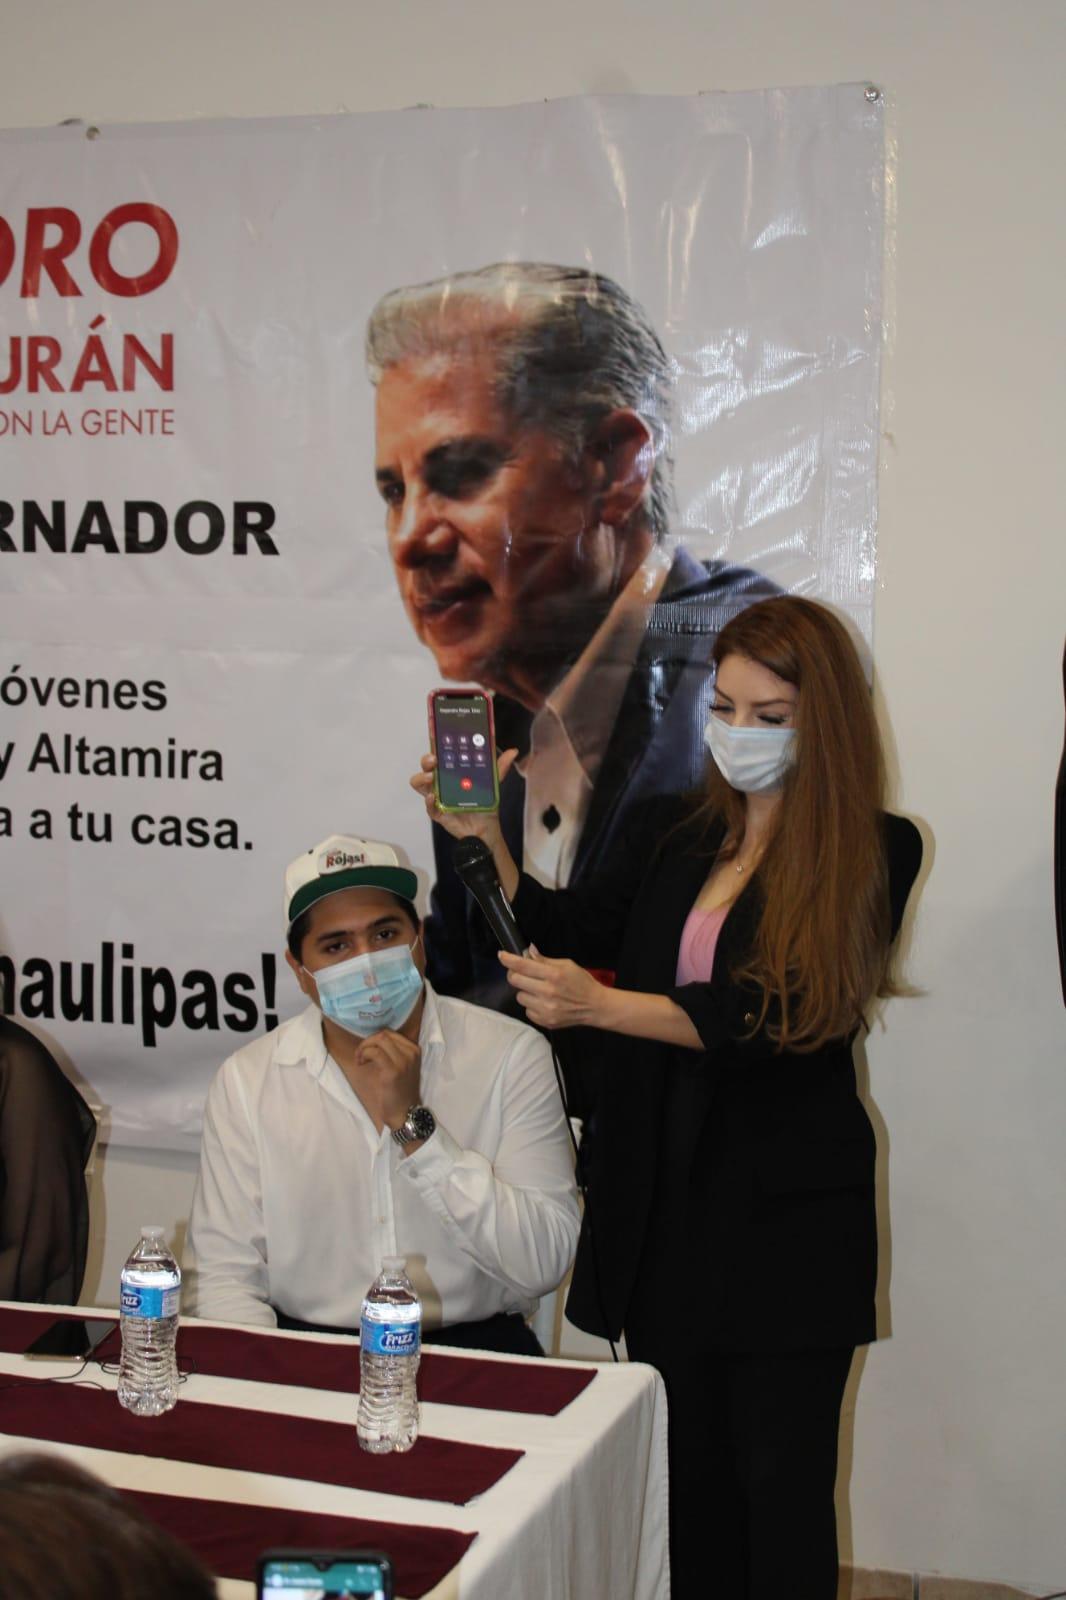 Rojas sufre persecución política